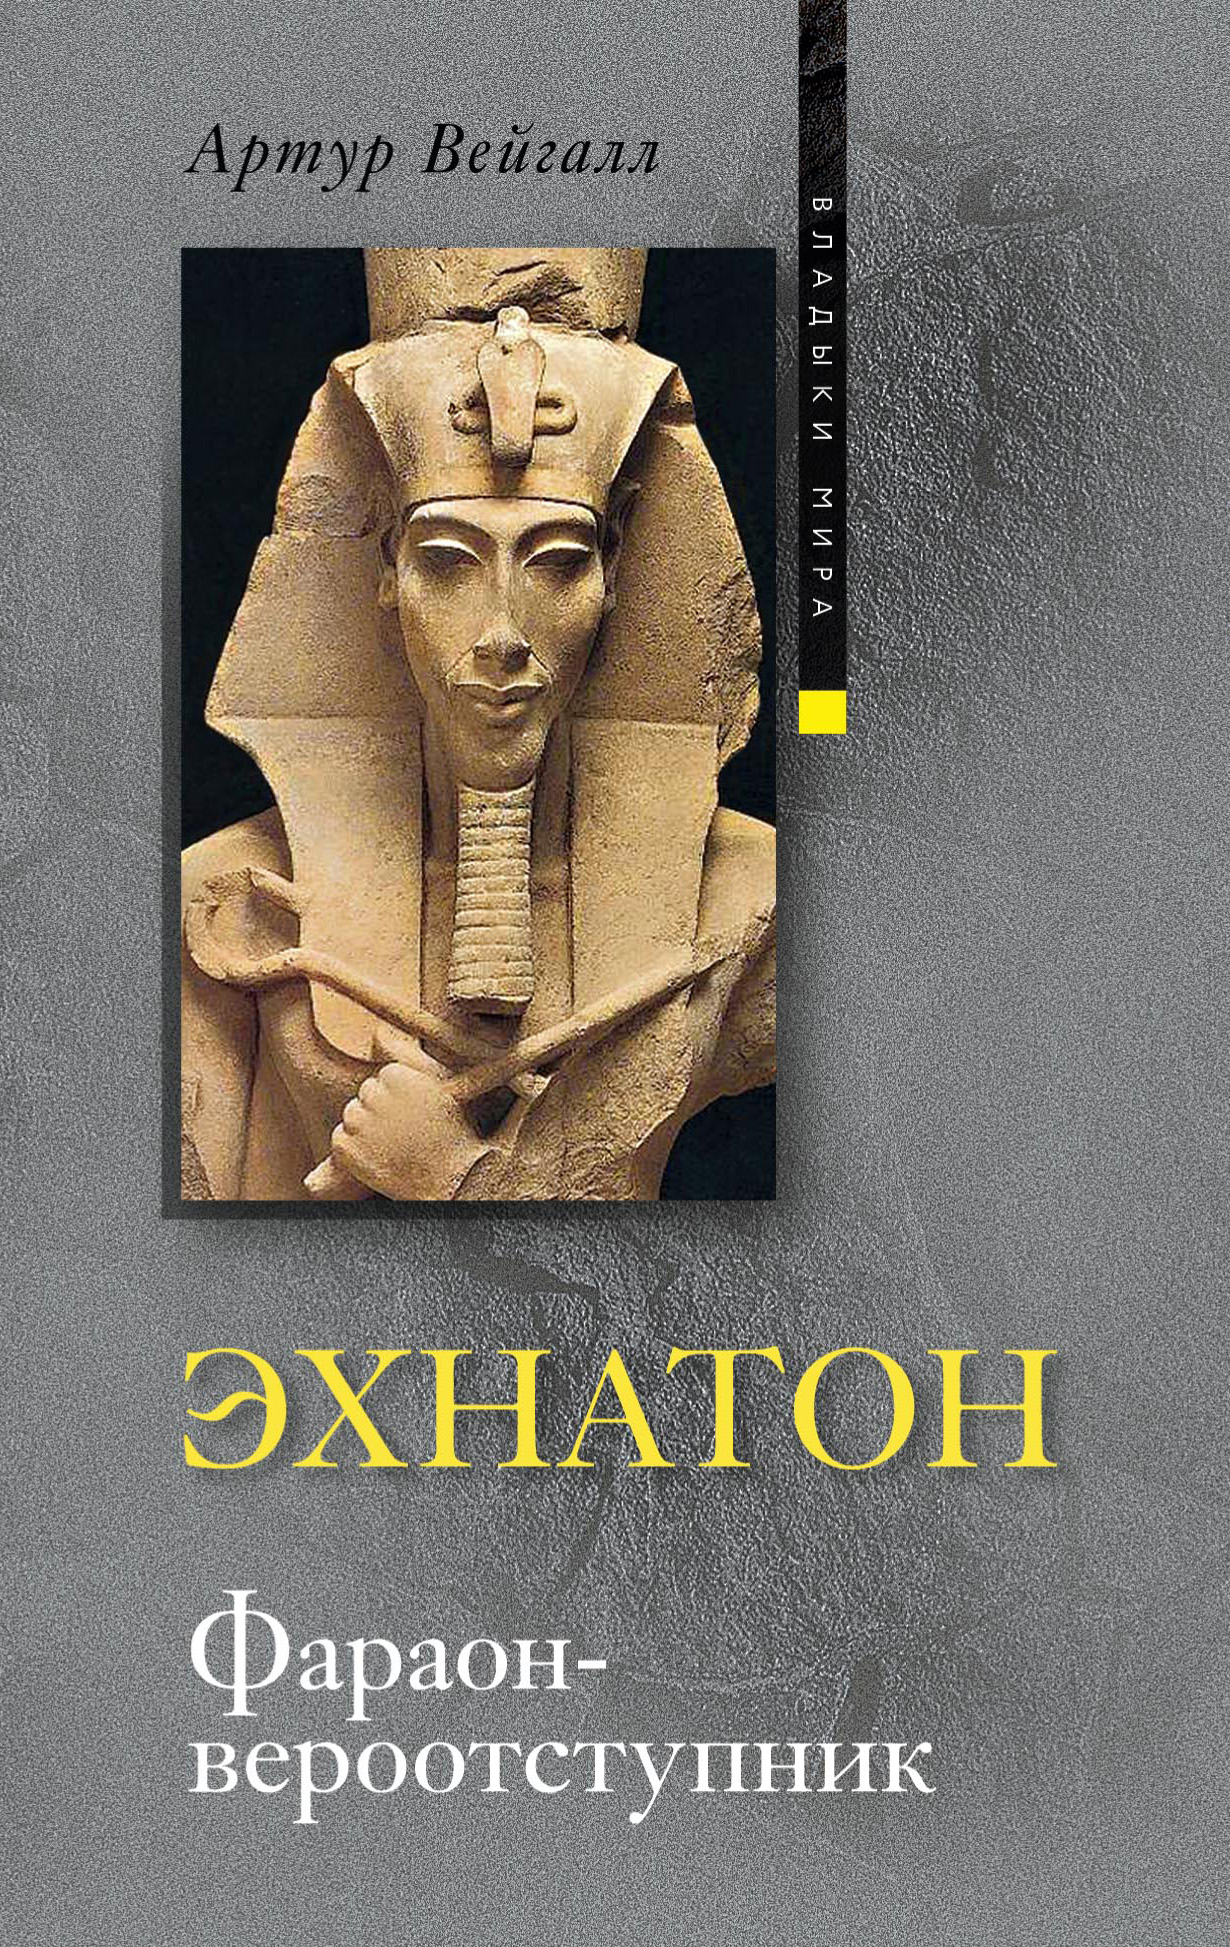 Артур Вейгалл Эхнатон. Фараон-вероотступник артур айдинян культ который мы создали отрывки веков